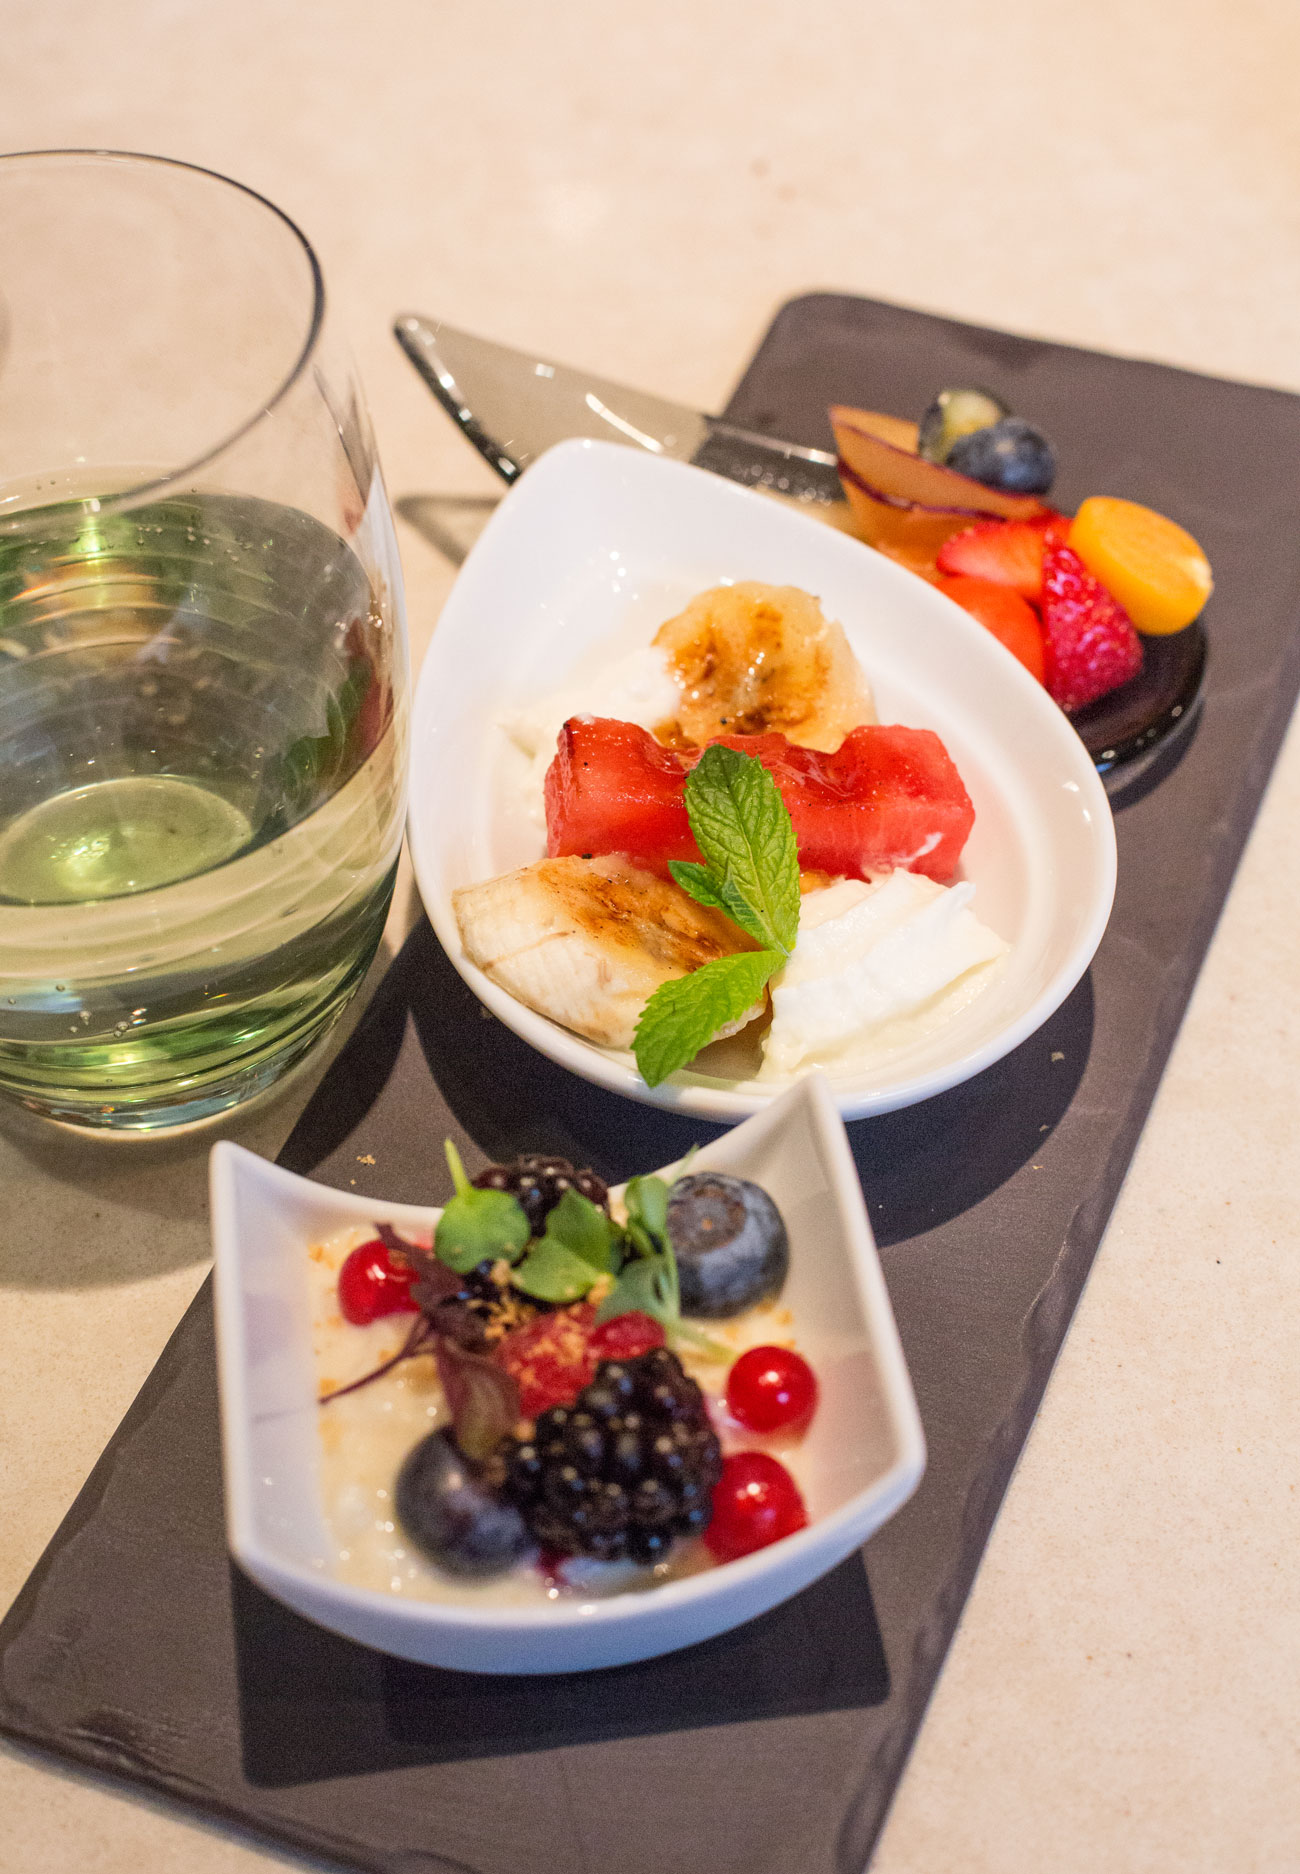 Das Dessert: Salat von exotischen Früchten, gegrillte Wassermelone, Banane und Ananas mit Kokosmilch und Milchreis von Soja, Waldbeeren und Tonkabohnen